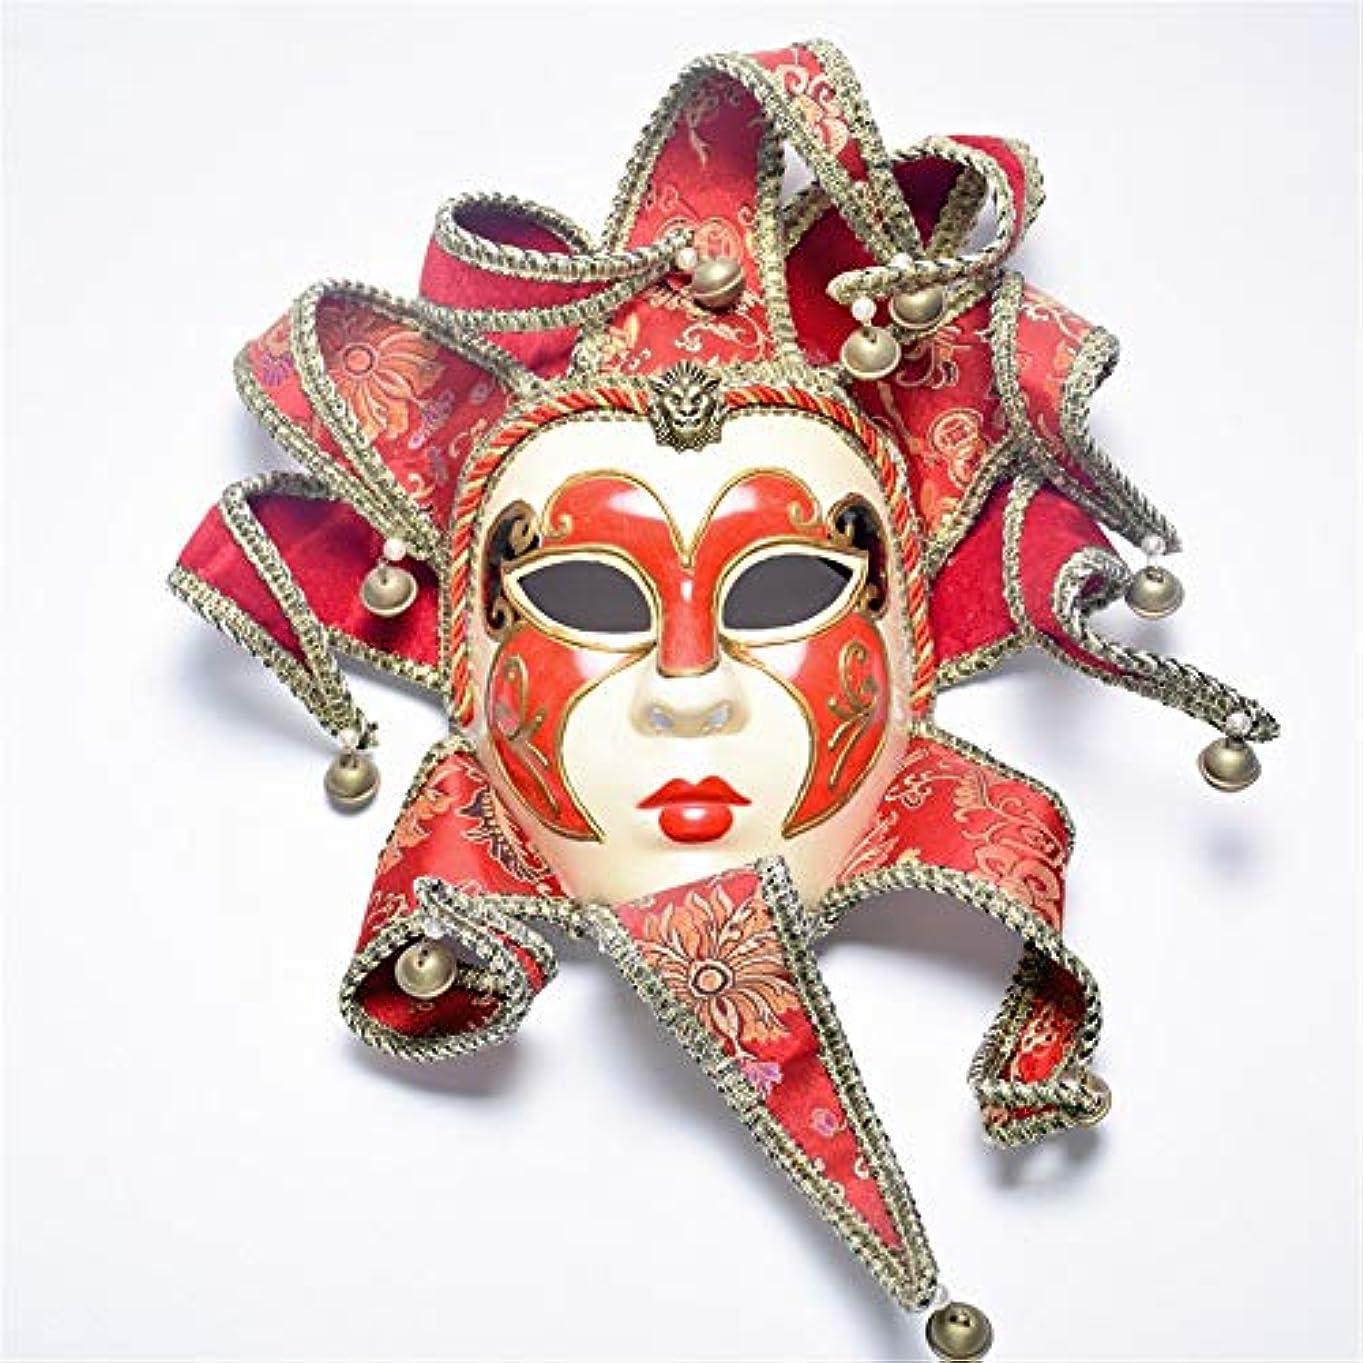 ダンスマスク フルフェイスマスク高級パーティーベルマスク女性マスククリスマスフェスティバルロールプレイングプラスチックマスク ホリデーパーティー用品 (色 : 赤, サイズ : 49x29cm)